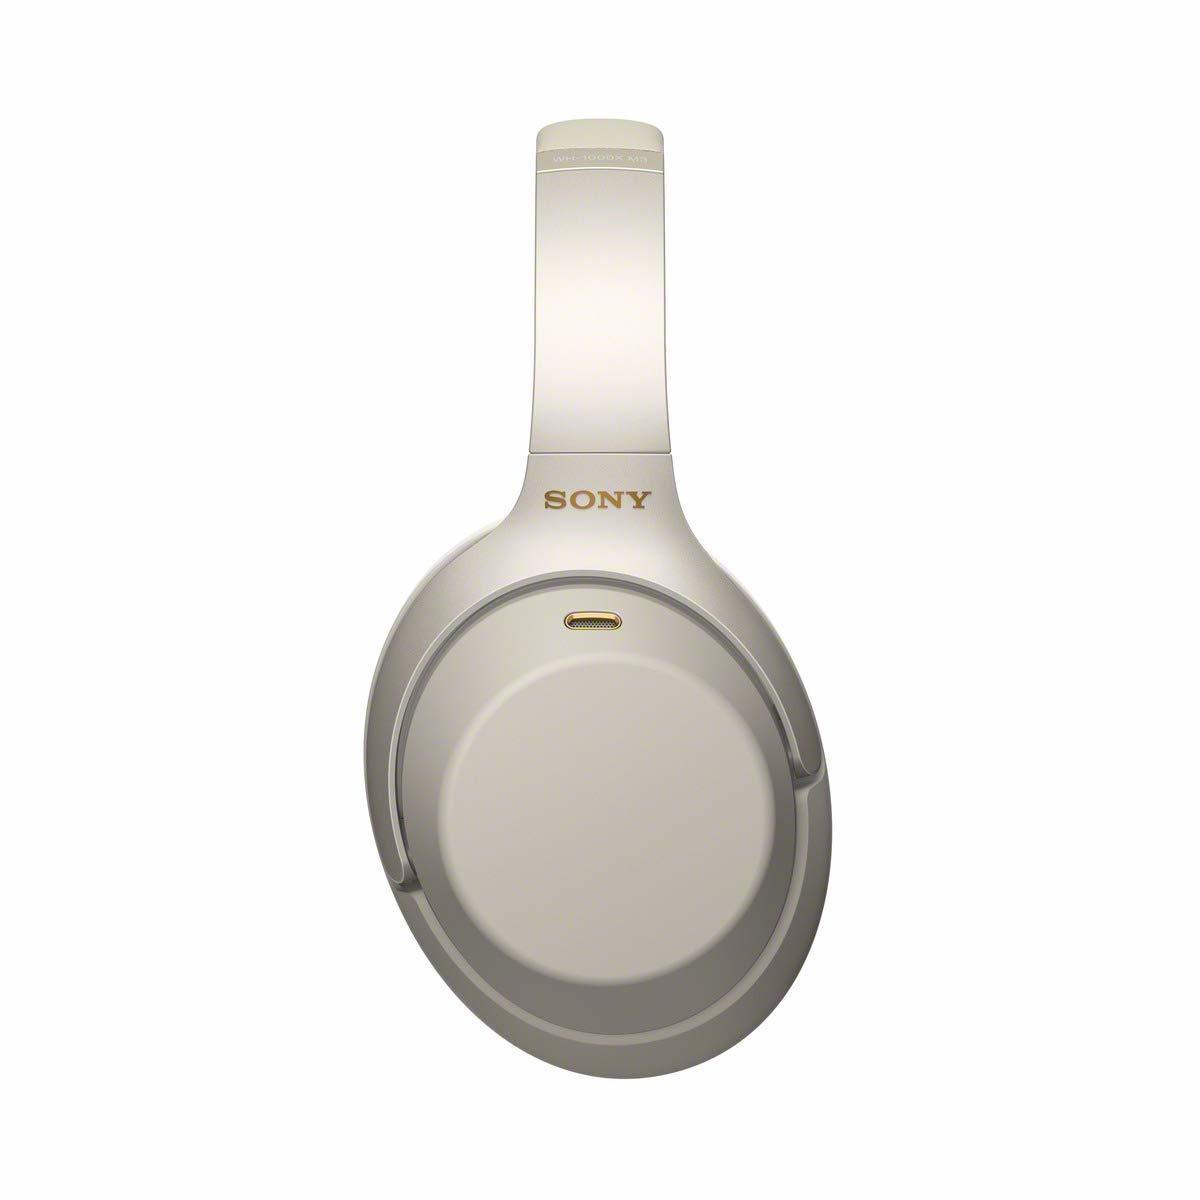 Sony WH-1000XM3S купить в Sony Centre Воронеж